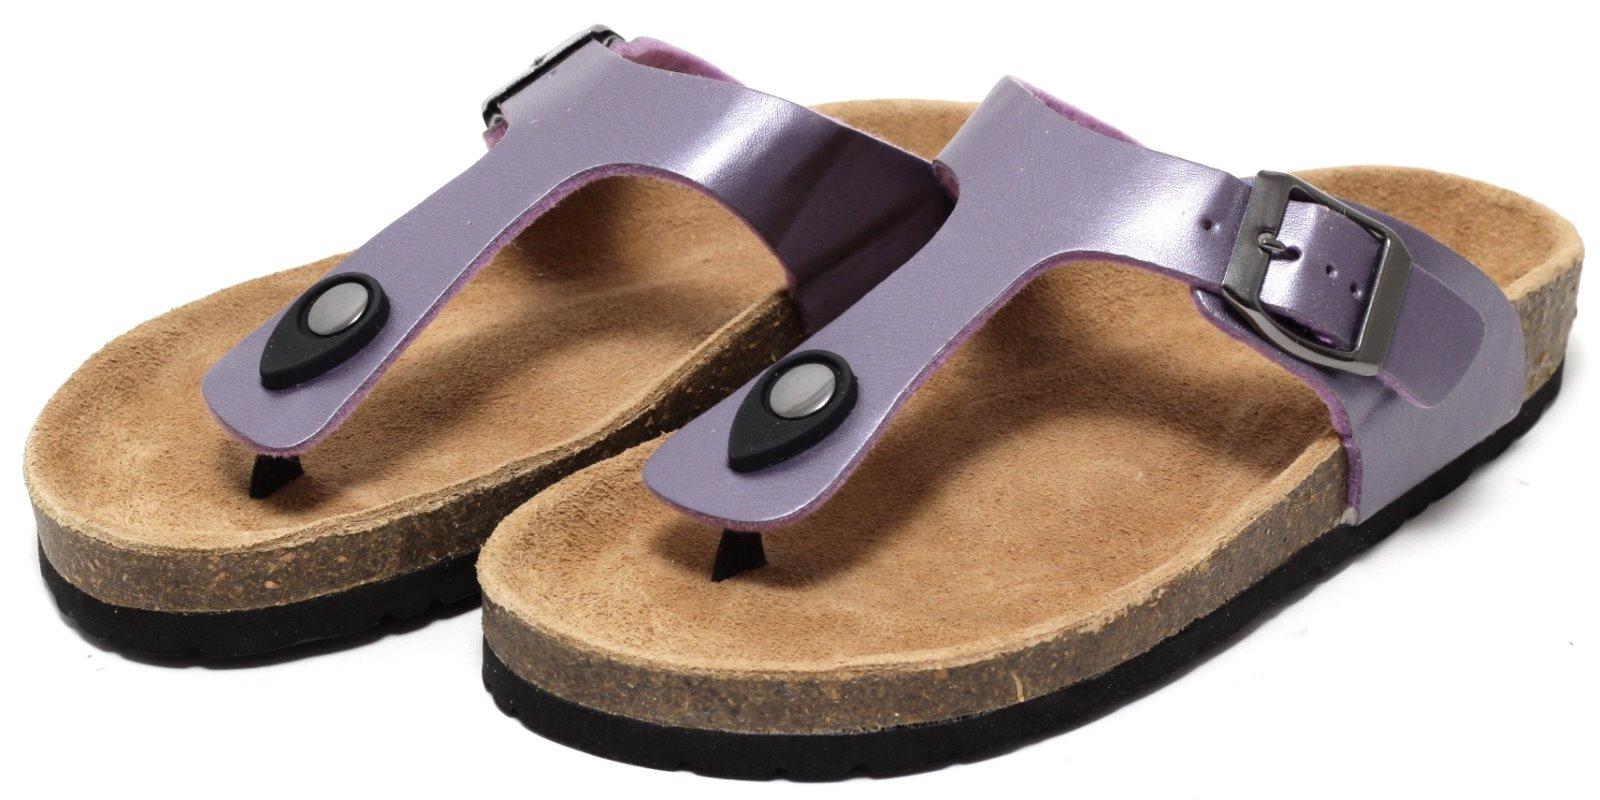 damen bio trend pantolette gr 36 40 zehengreifer zehentrenner sandale sandalette kleidung. Black Bedroom Furniture Sets. Home Design Ideas